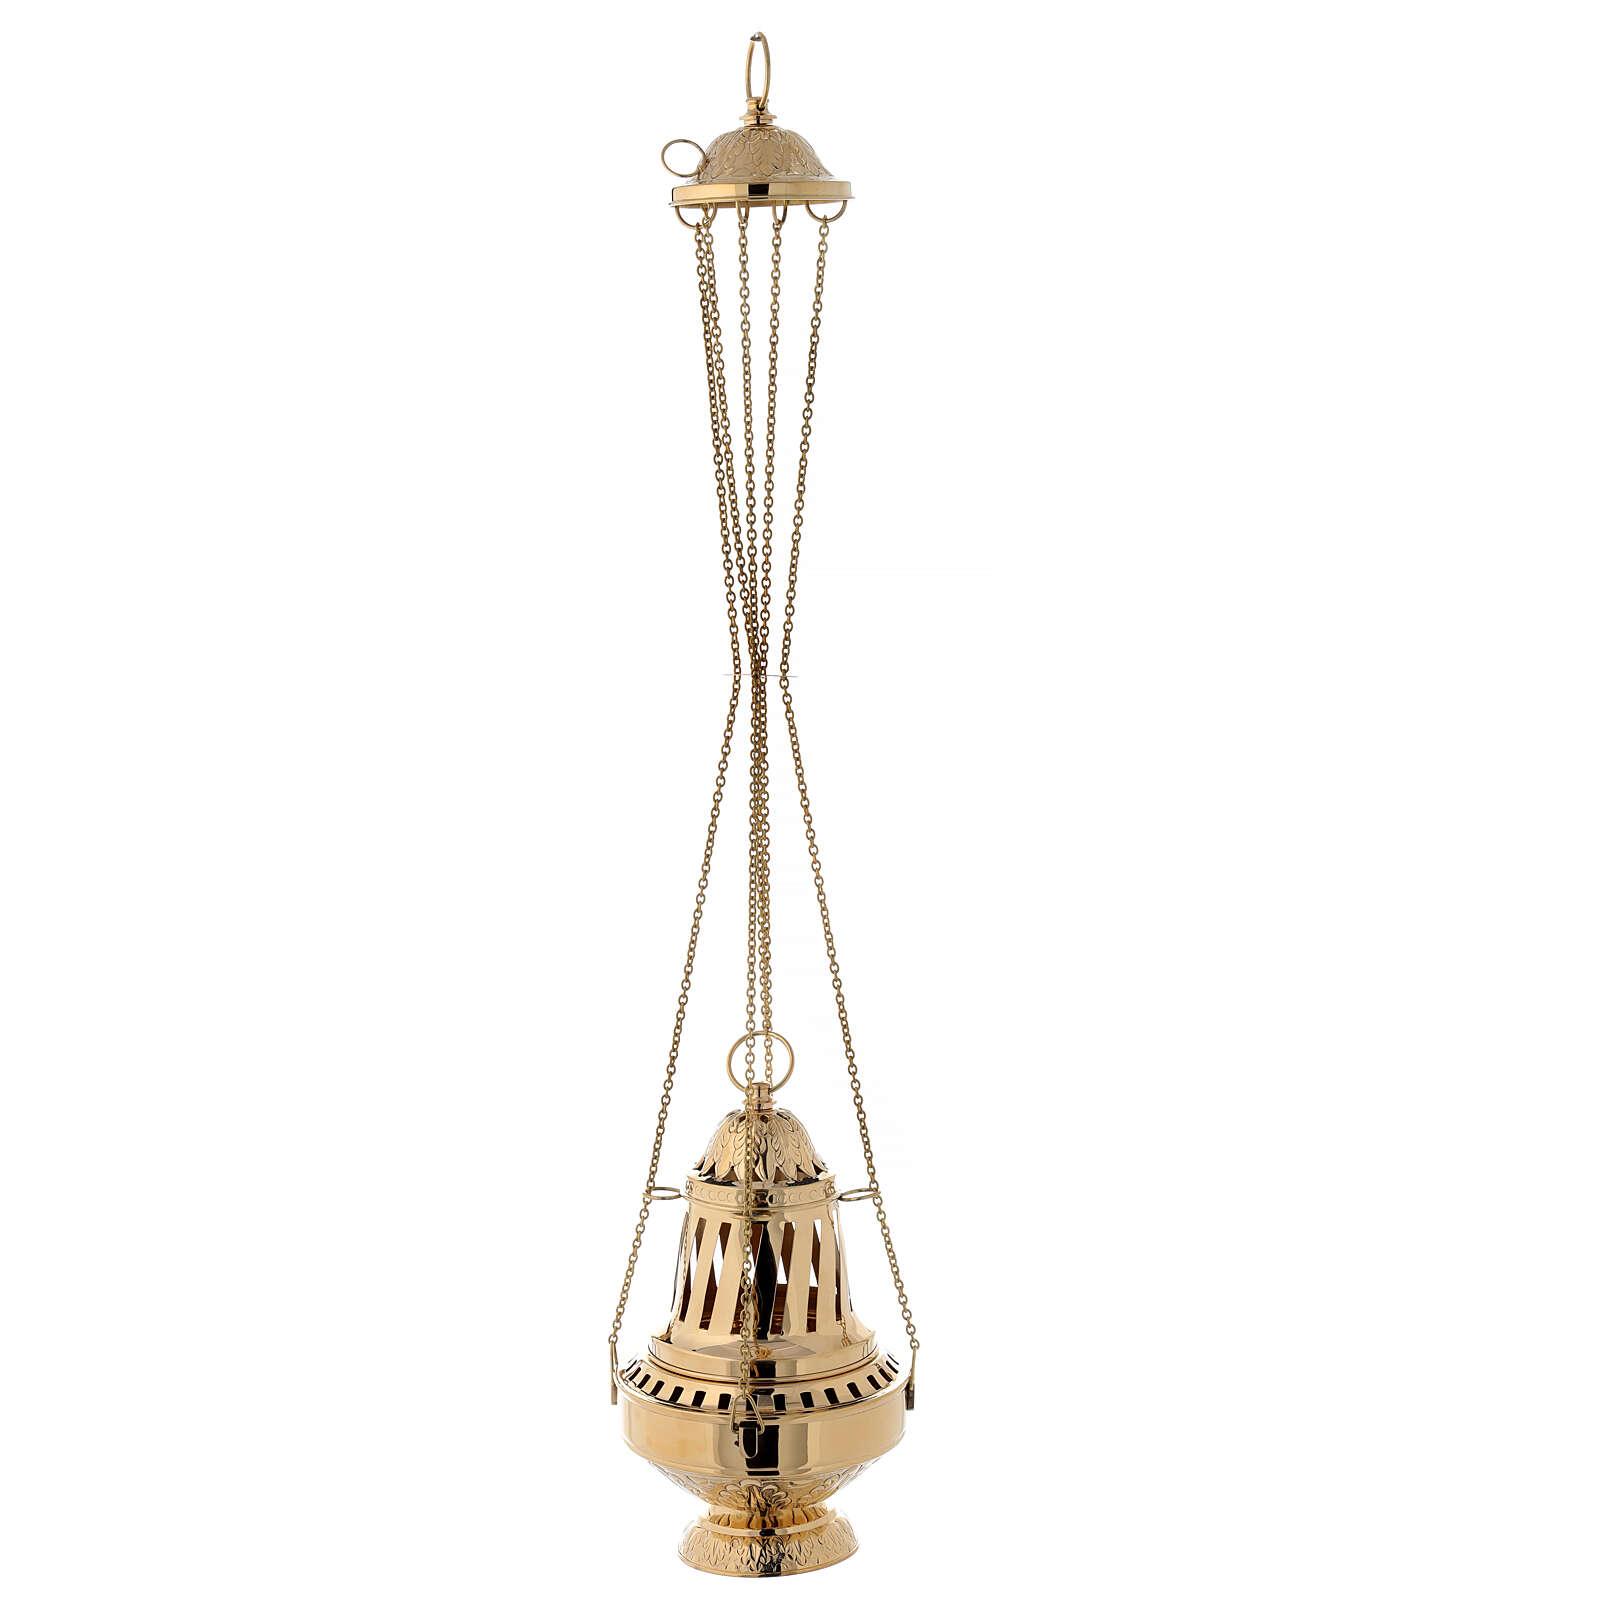 Incensario latón dorado estilo Santiago h 33 cm 3